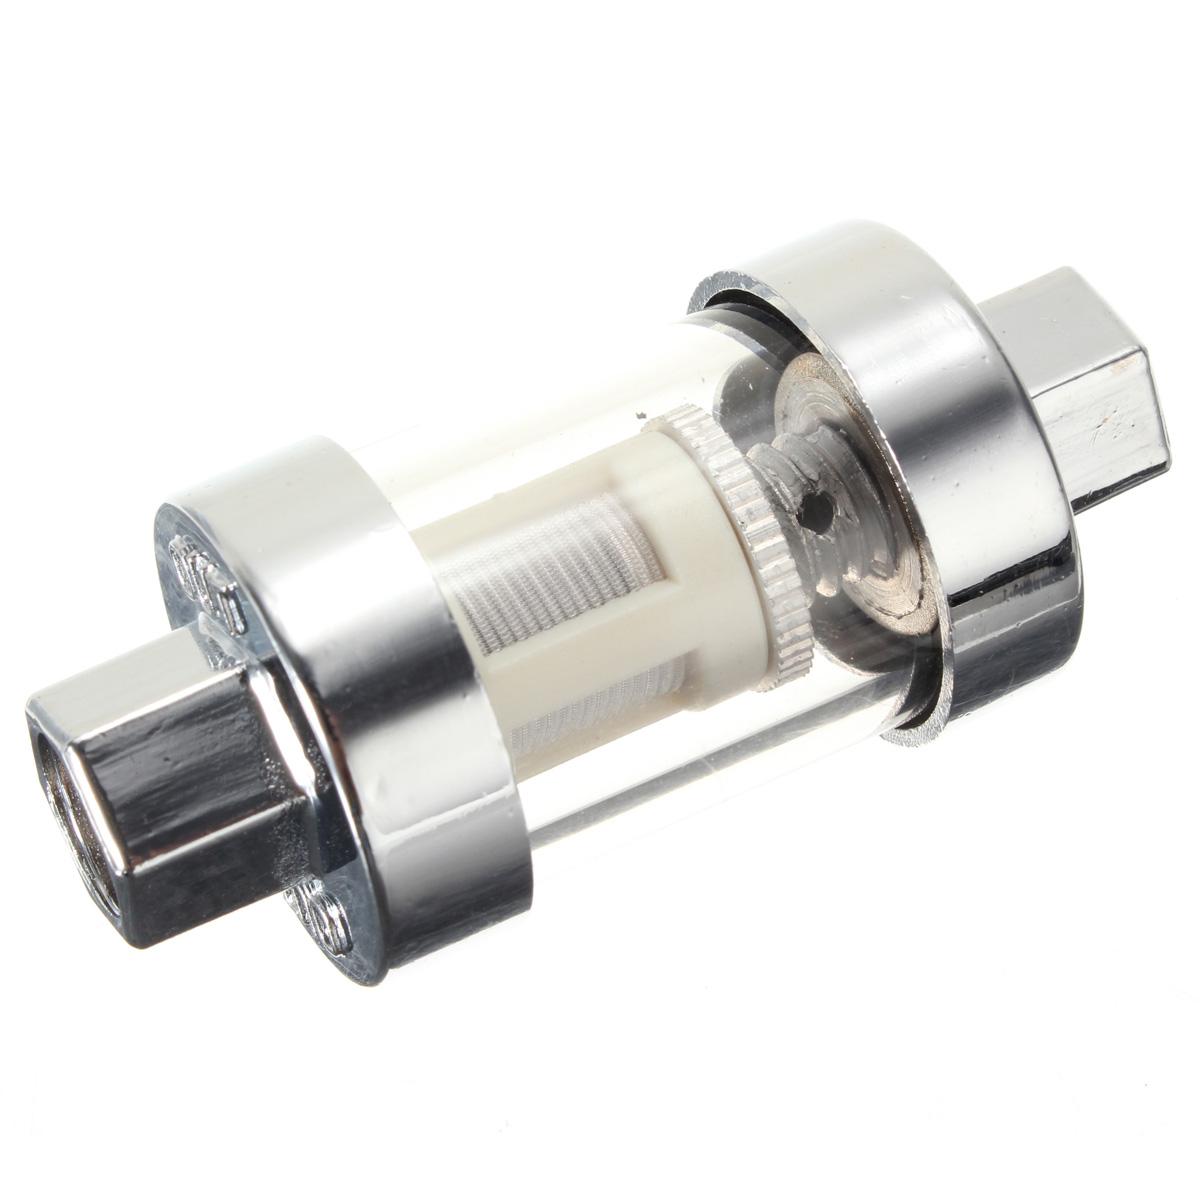 Универсальный мотоцикл хром стекло топливный фильтр 1/4 5/16 3/8 6 мм 8 мм 10 м